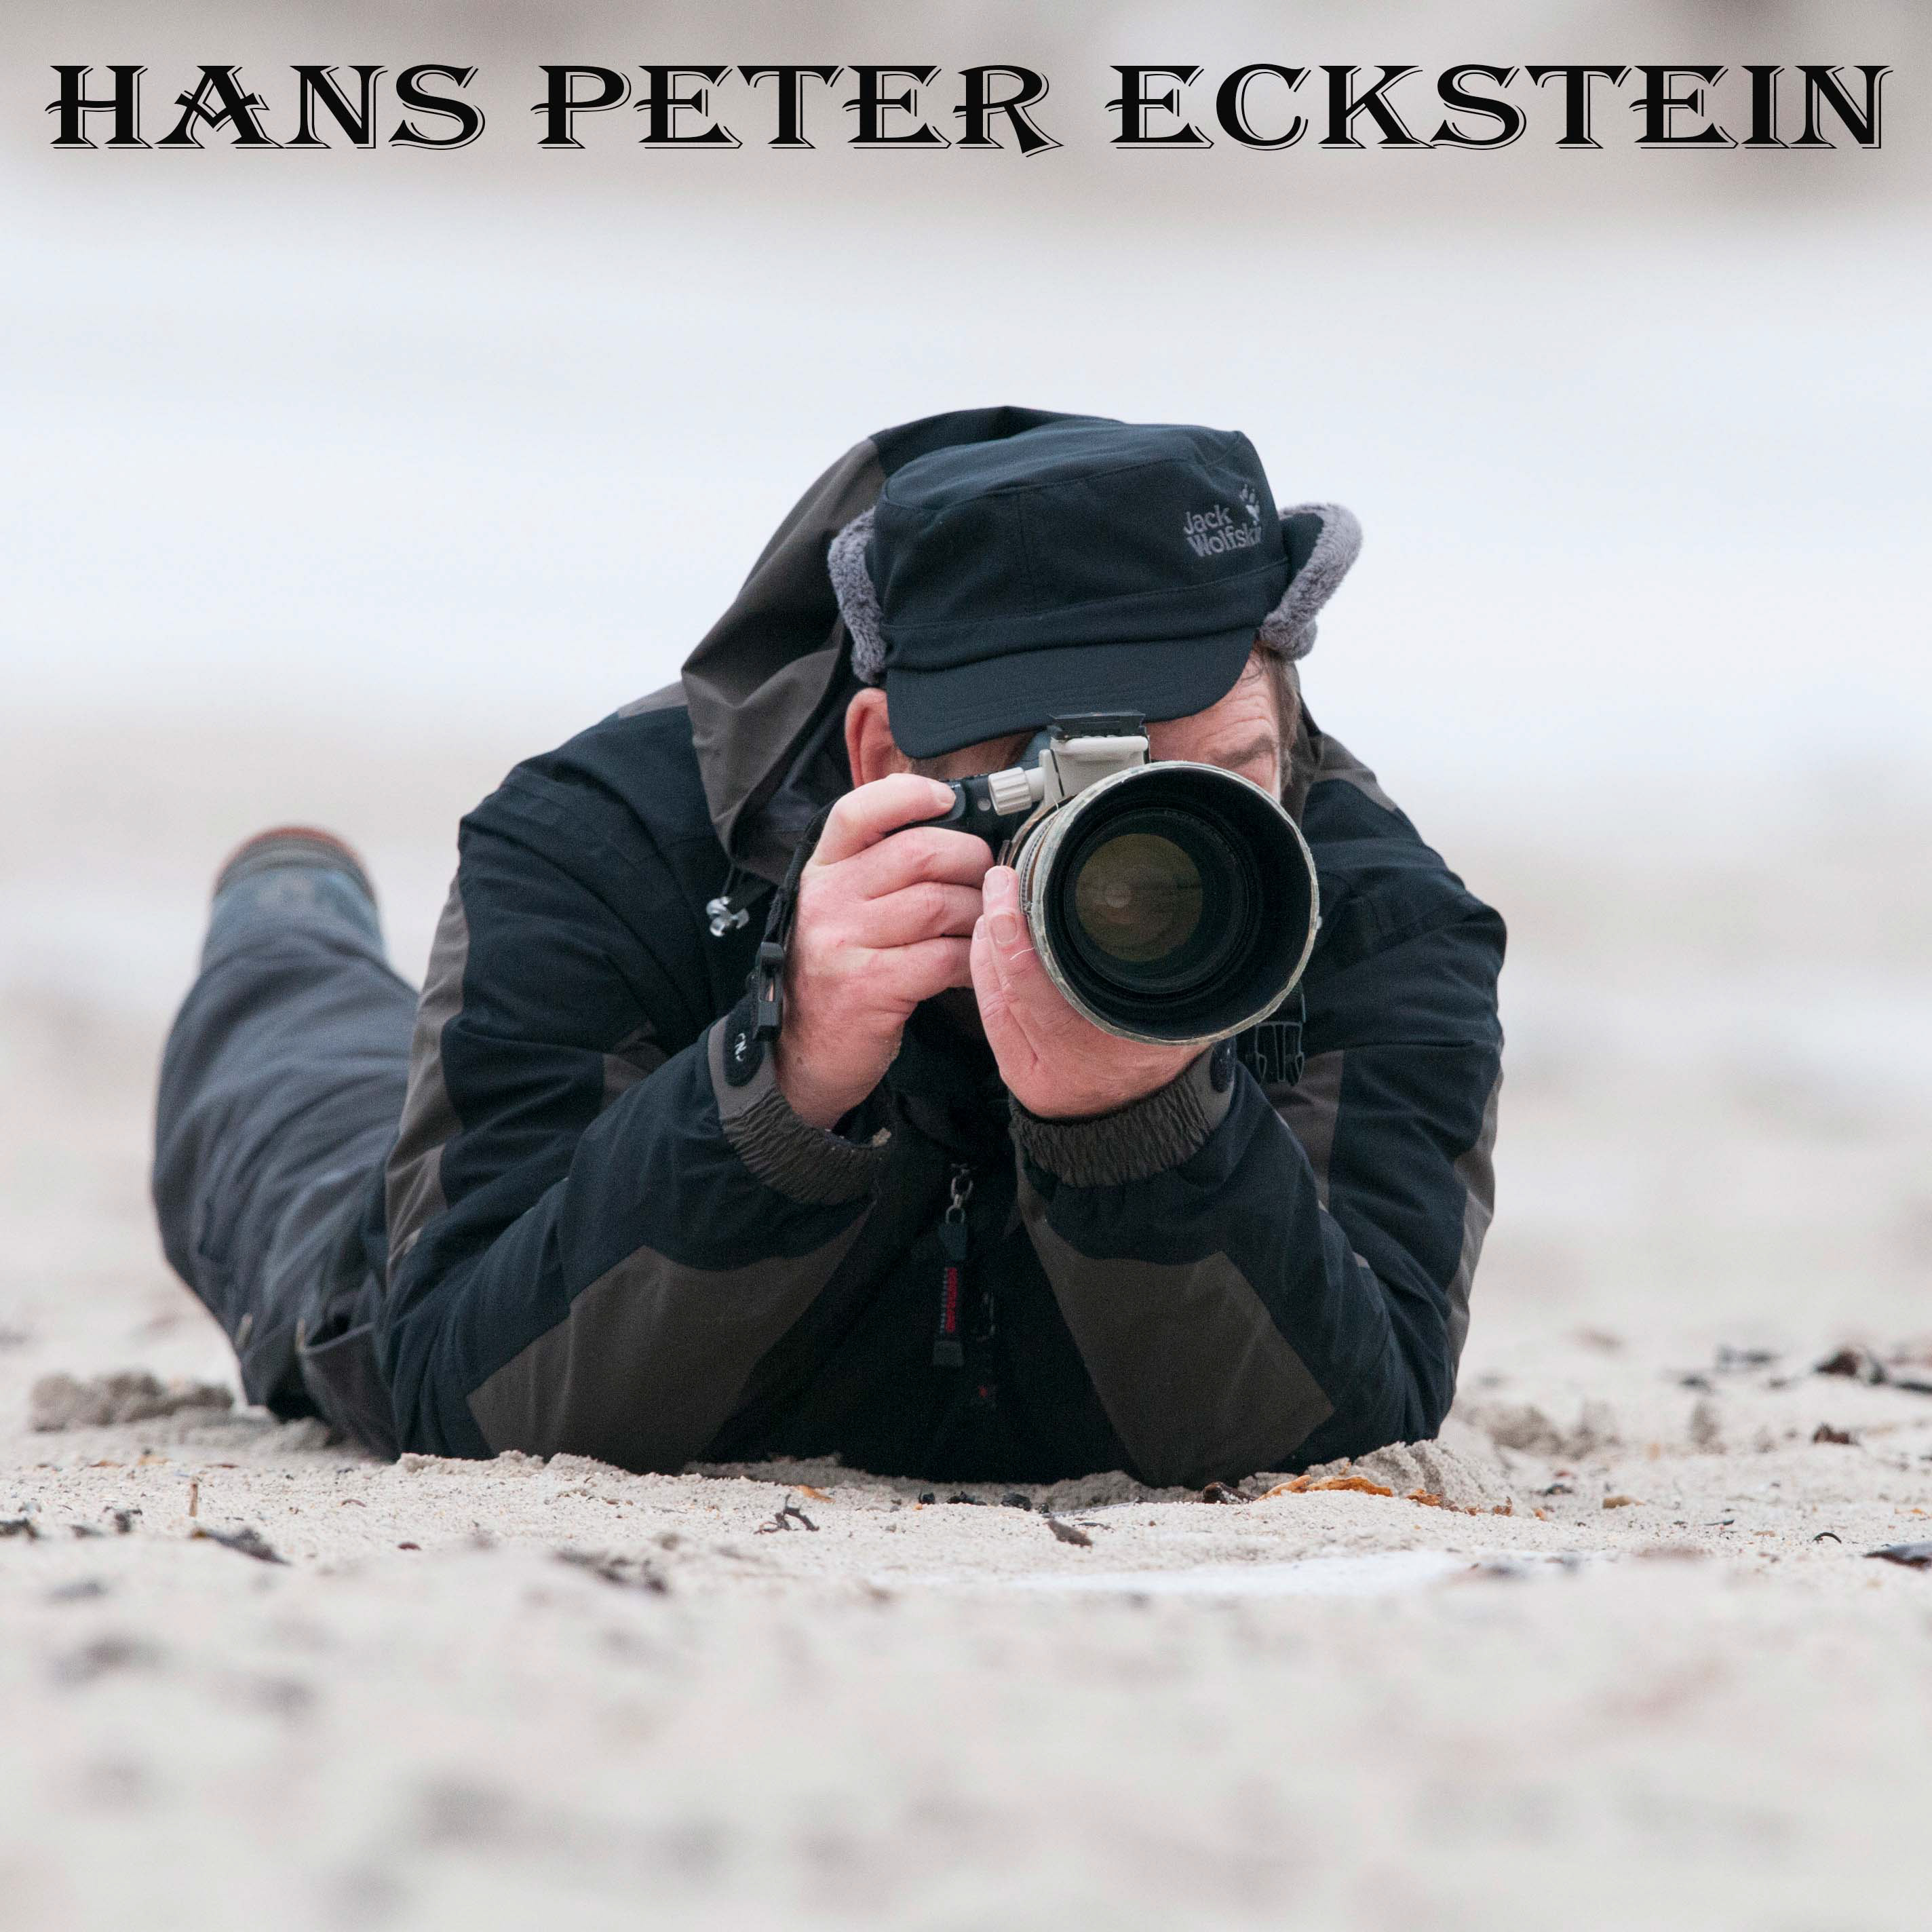 Hans Peter Eckstein